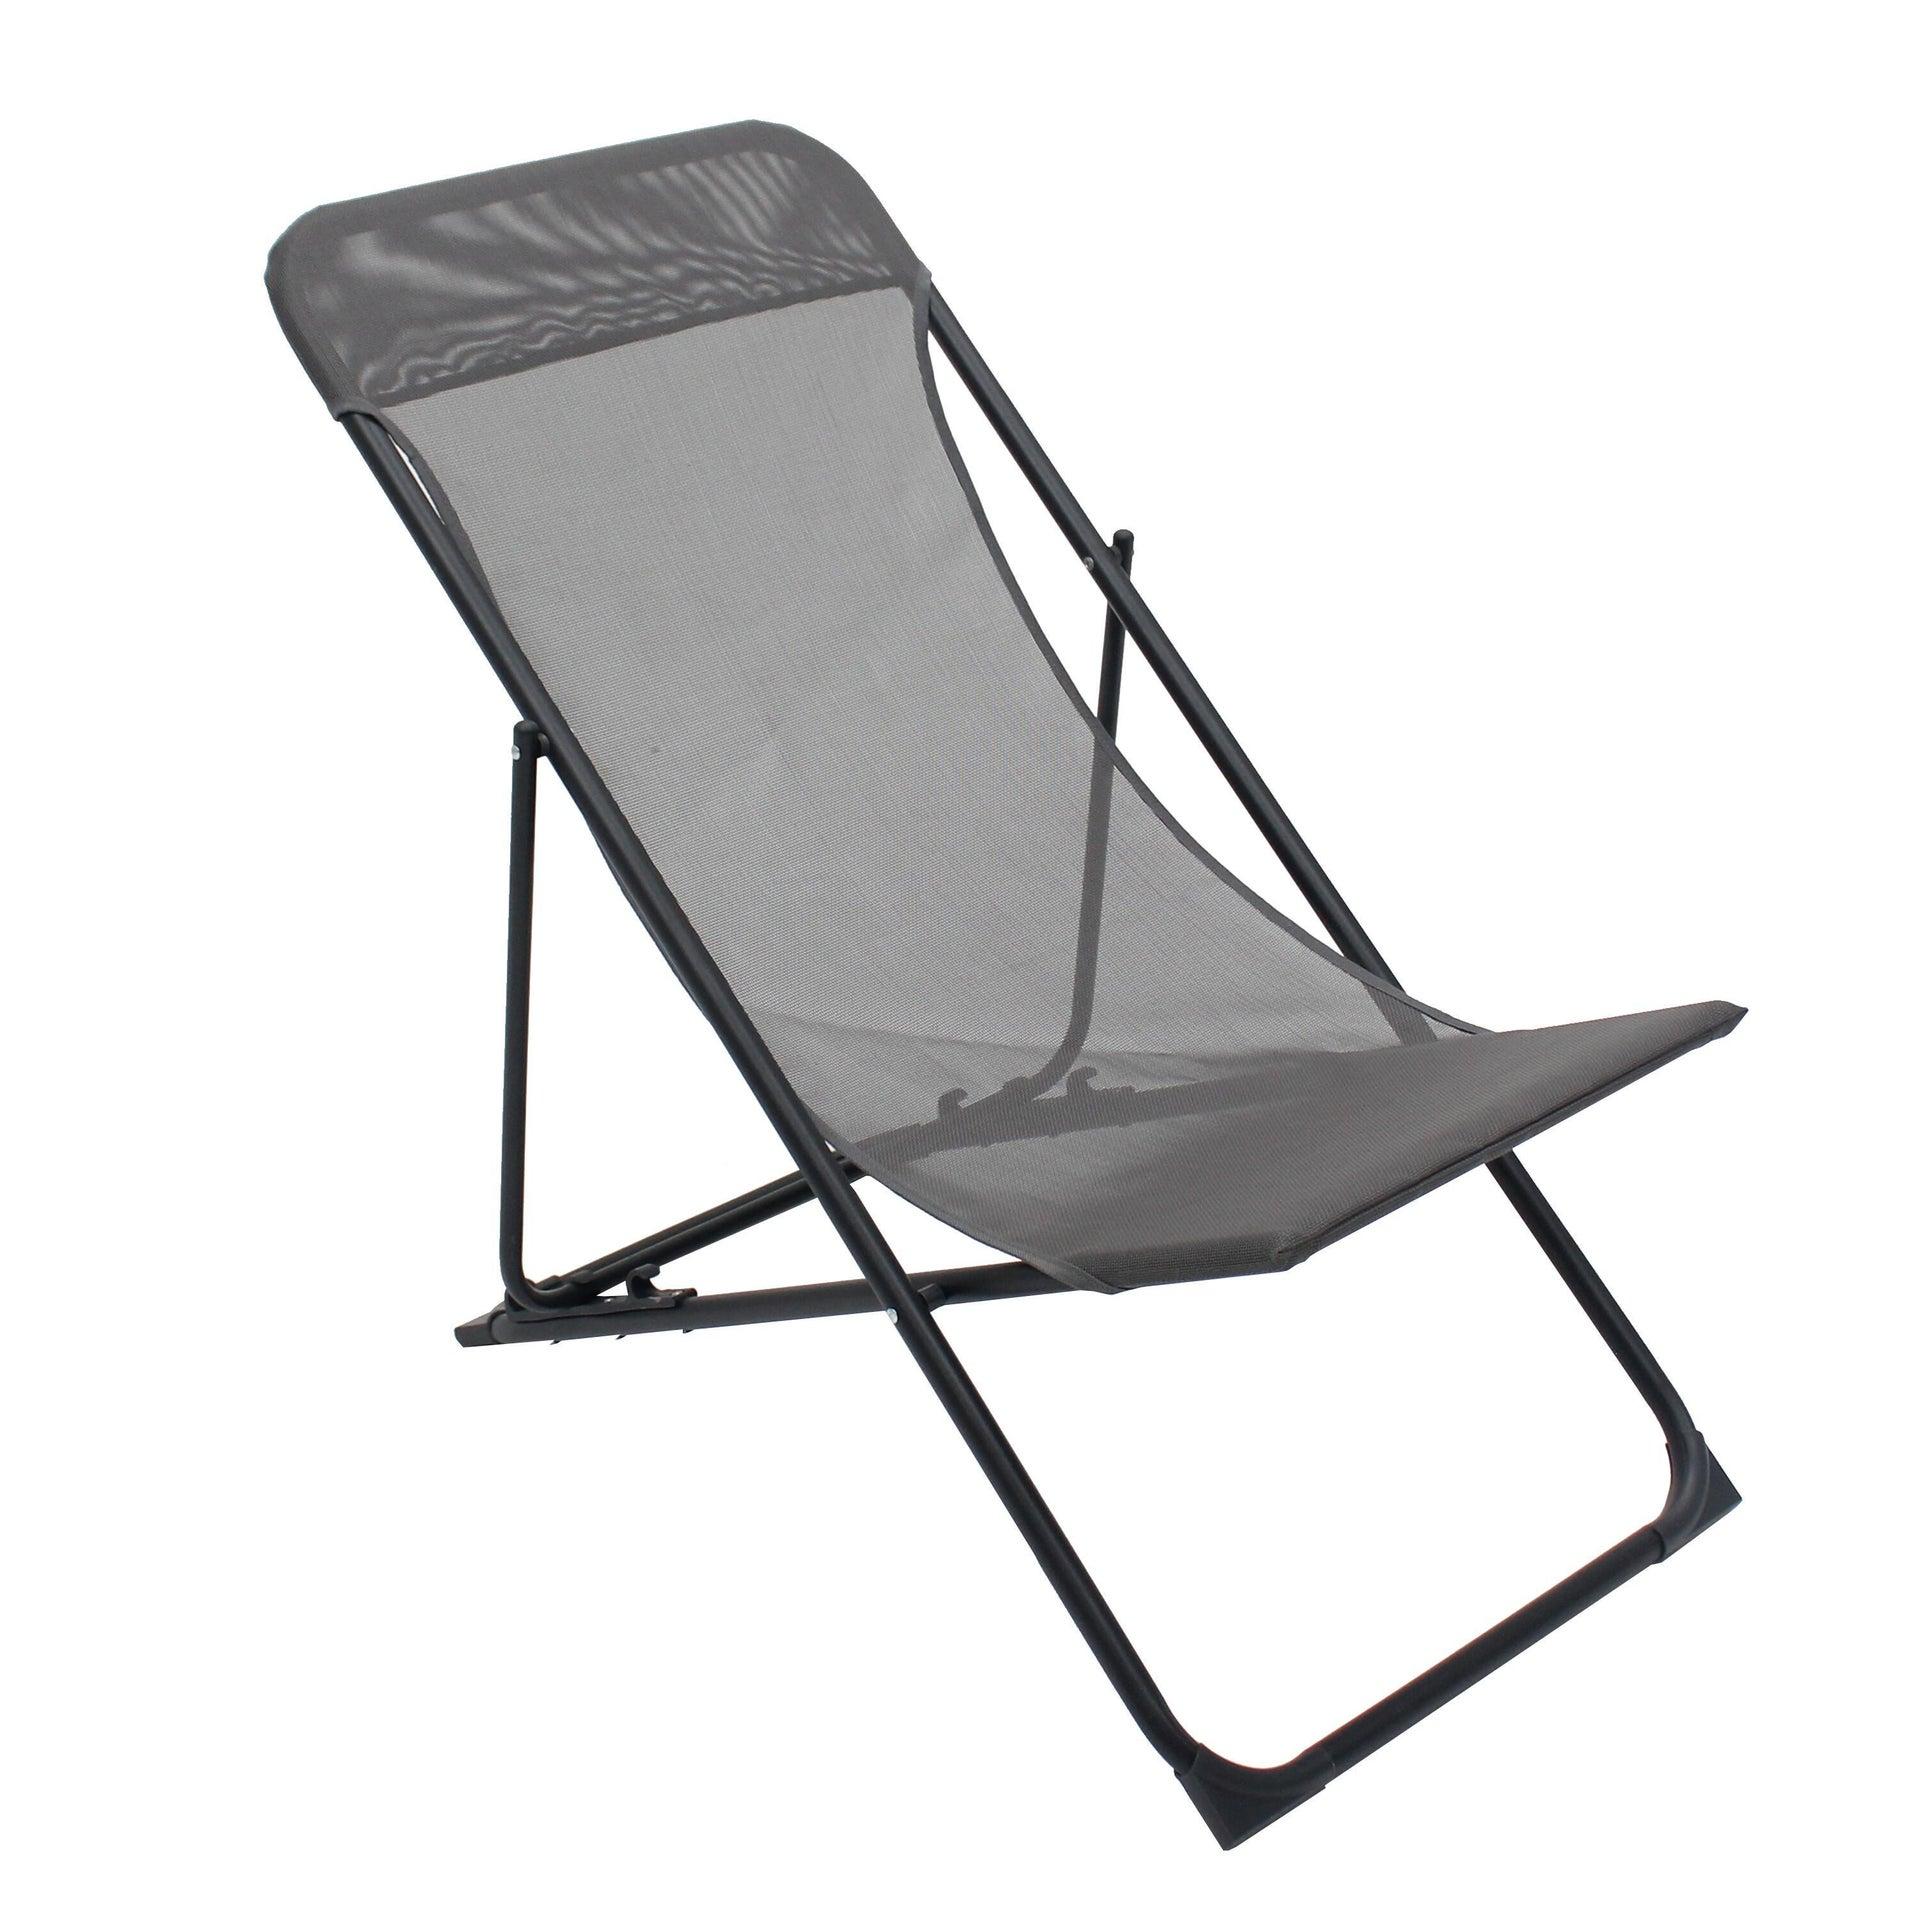 Sedia da giardino senza cuscino pieghevole in acciaio Biganos colore antracite - 9